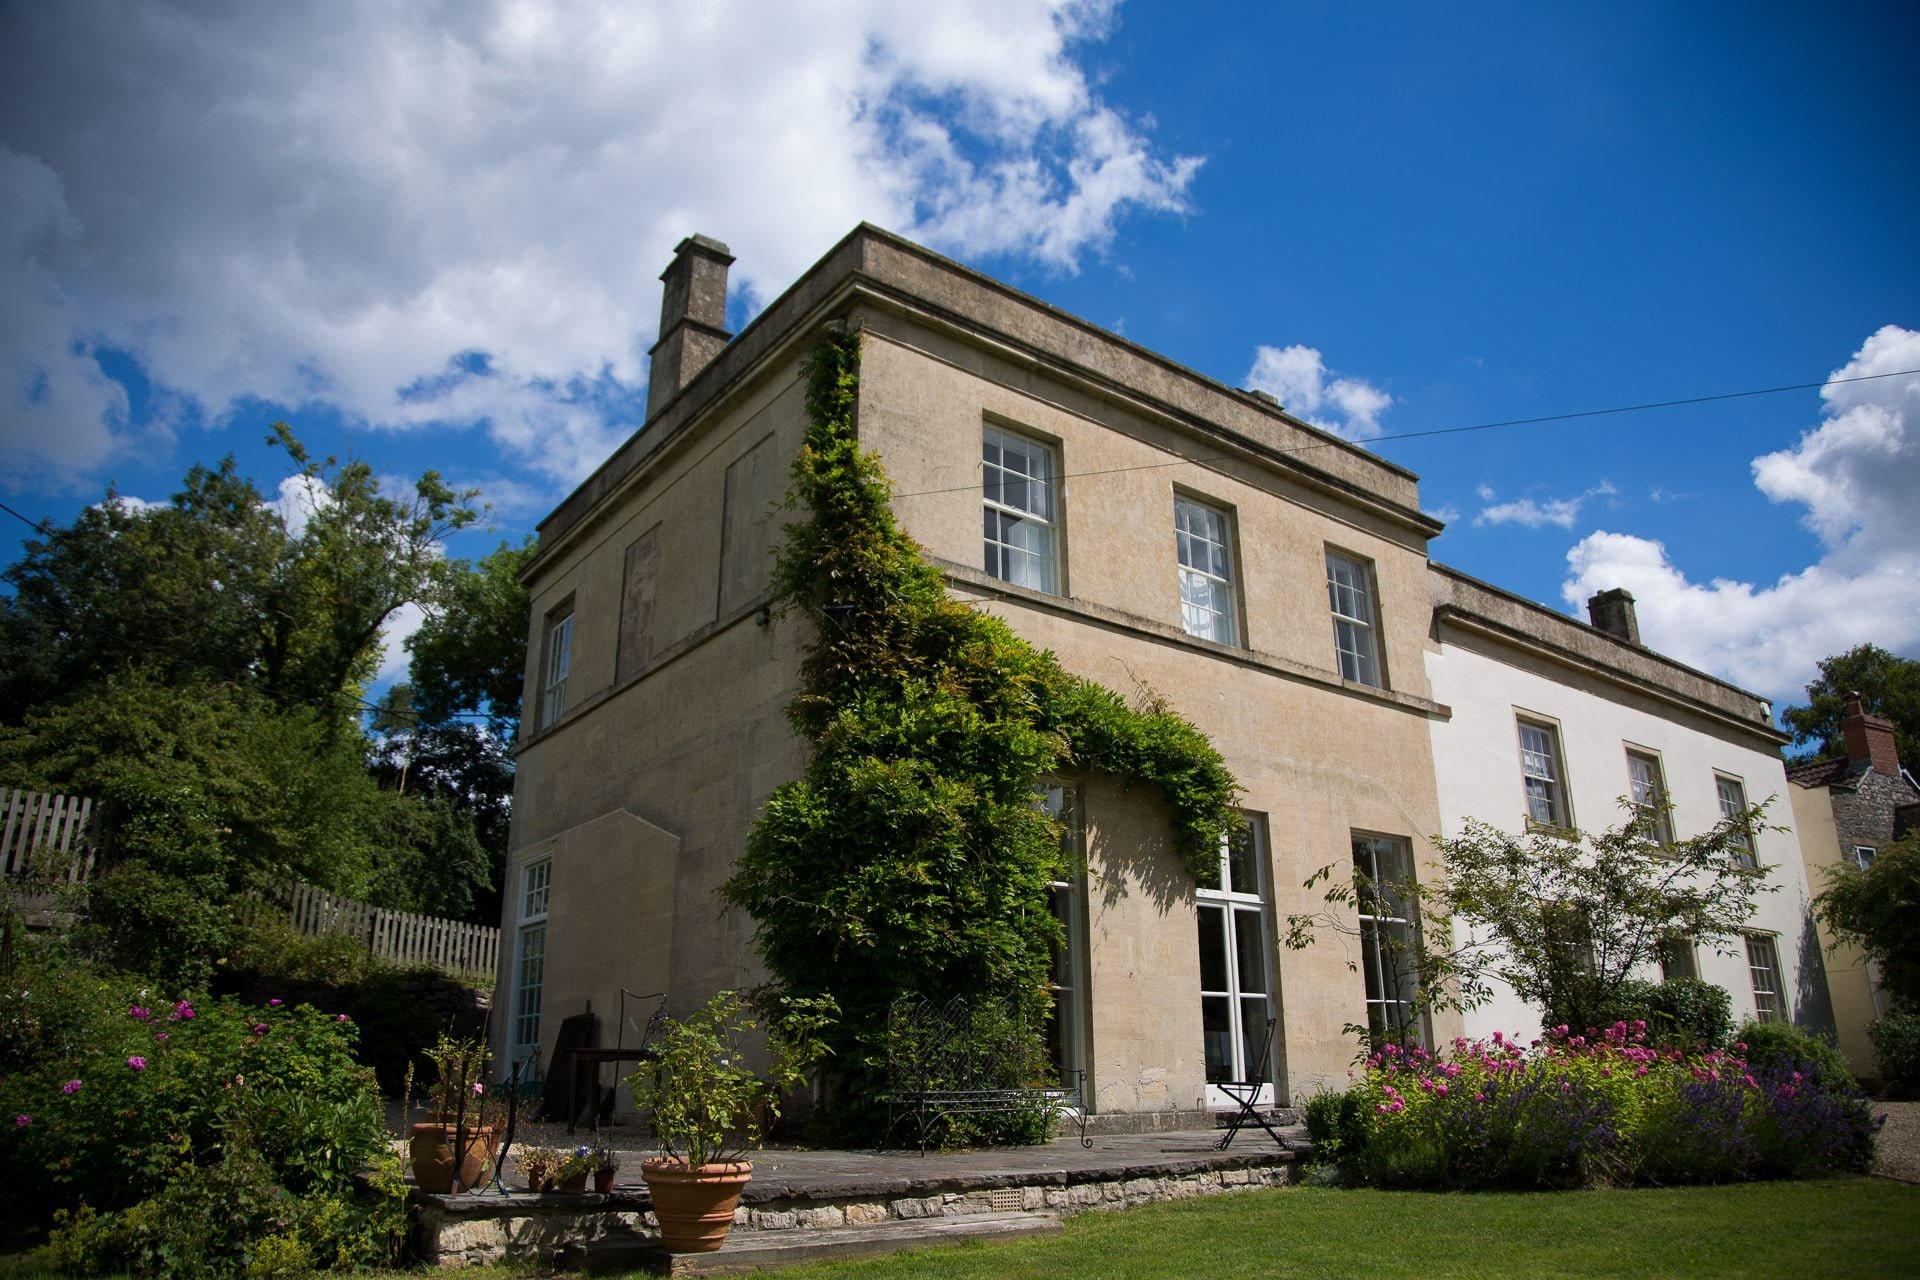 radford villa somerset